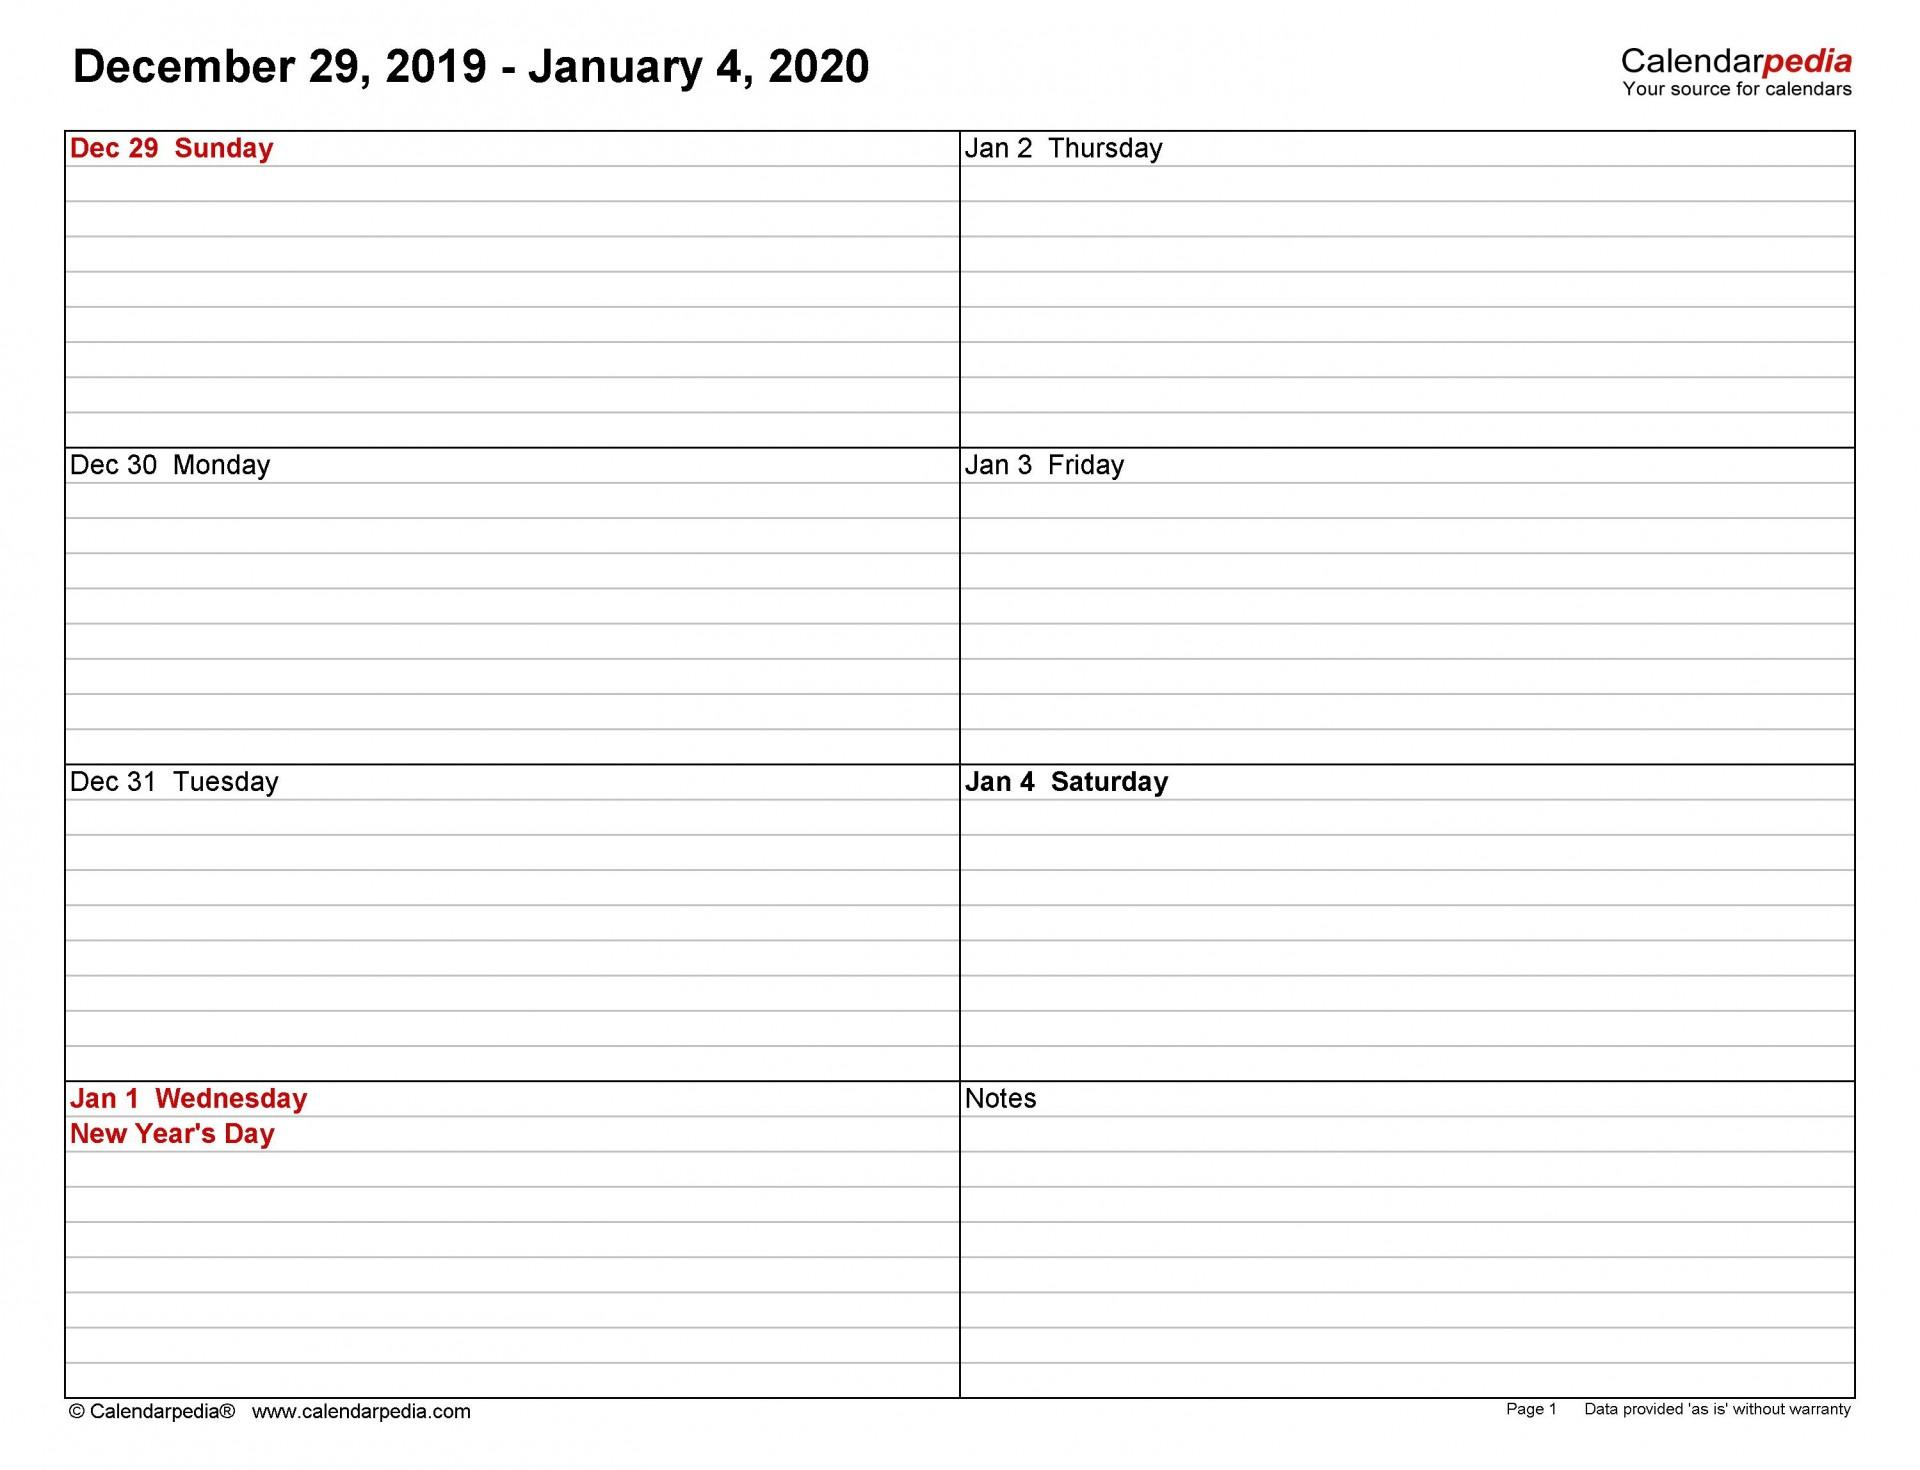 004 Marvelou Weekly Calendar Template 2020 Design  Printable Blank Free1920